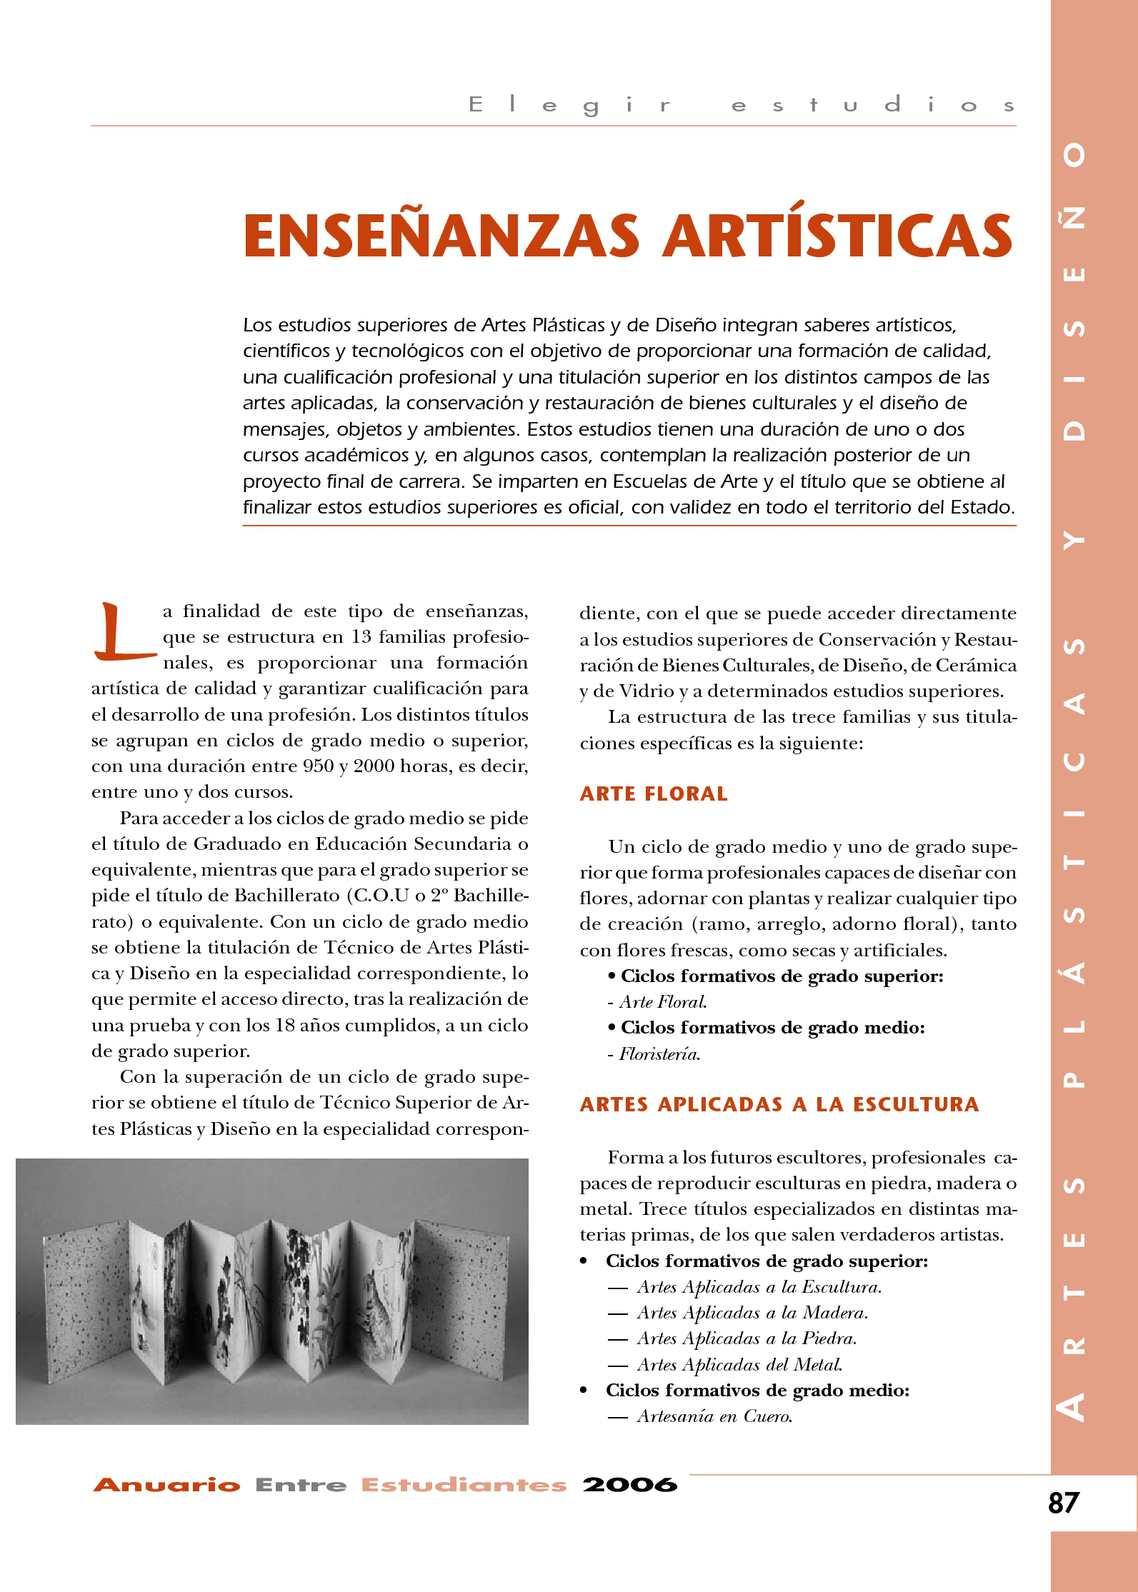 Calaméo Artes Plasticas